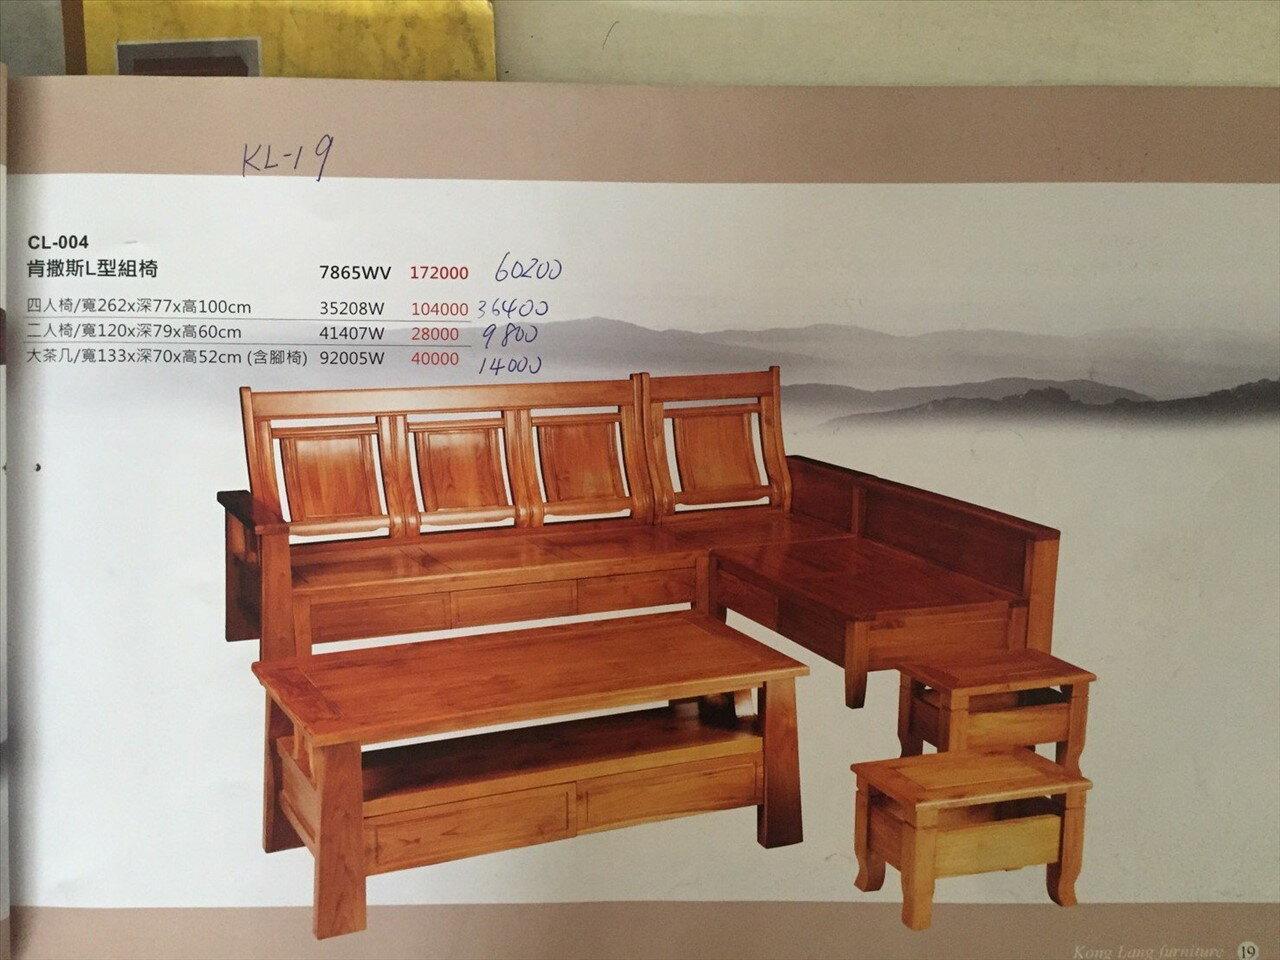 【石川家居】KL-19 柚木凱薩斯L型組椅 台中以北搭配車趟免運費